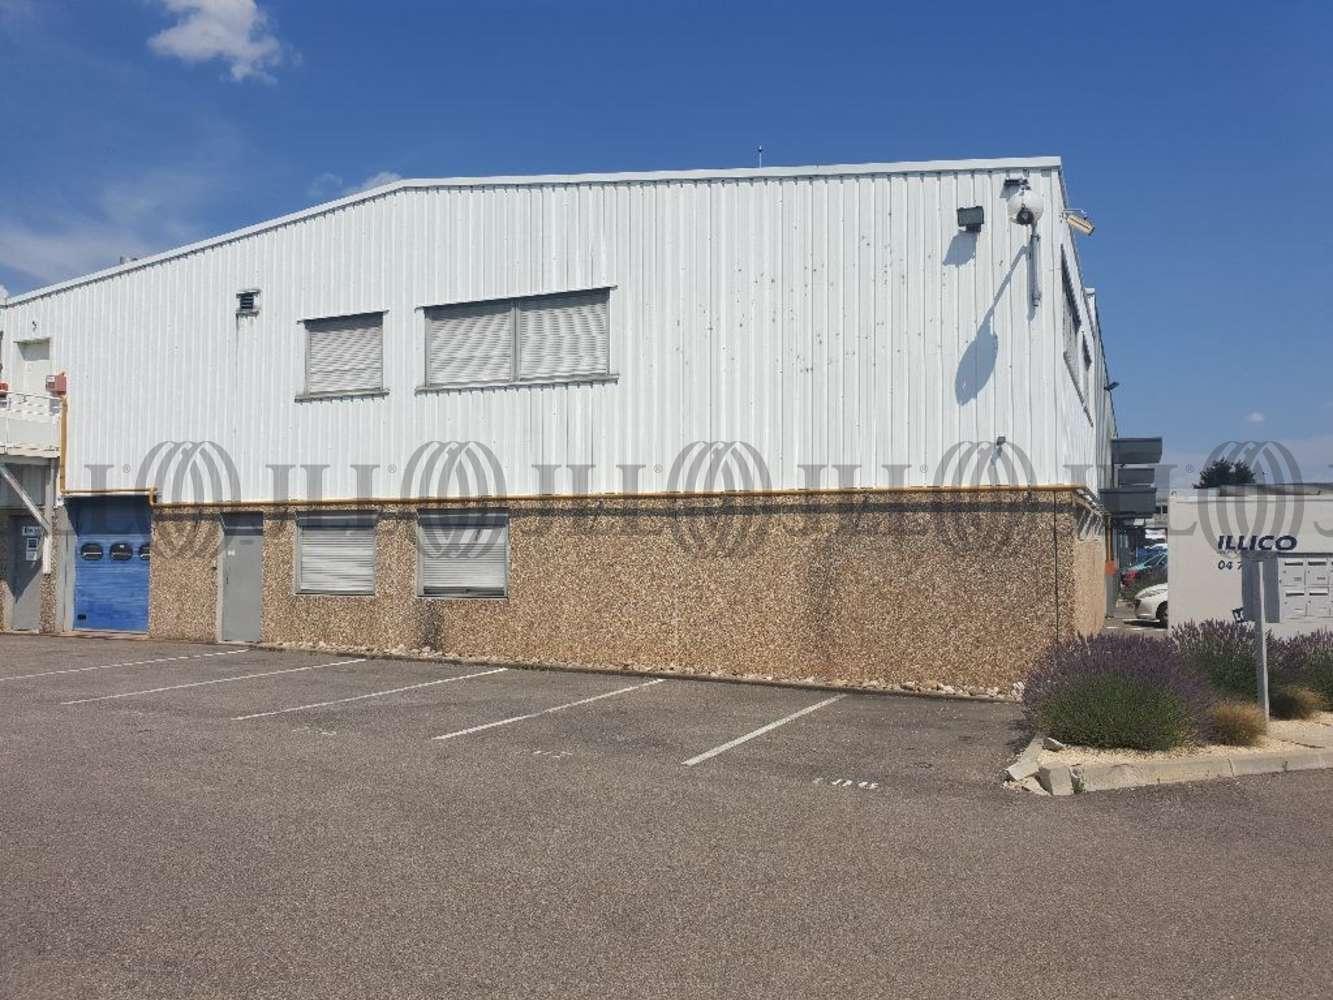 Activités/entrepôt Miribel, 01700 - LOCAUX D'ACTIVITÉ À VENDRE MIRIBEL - 10526007